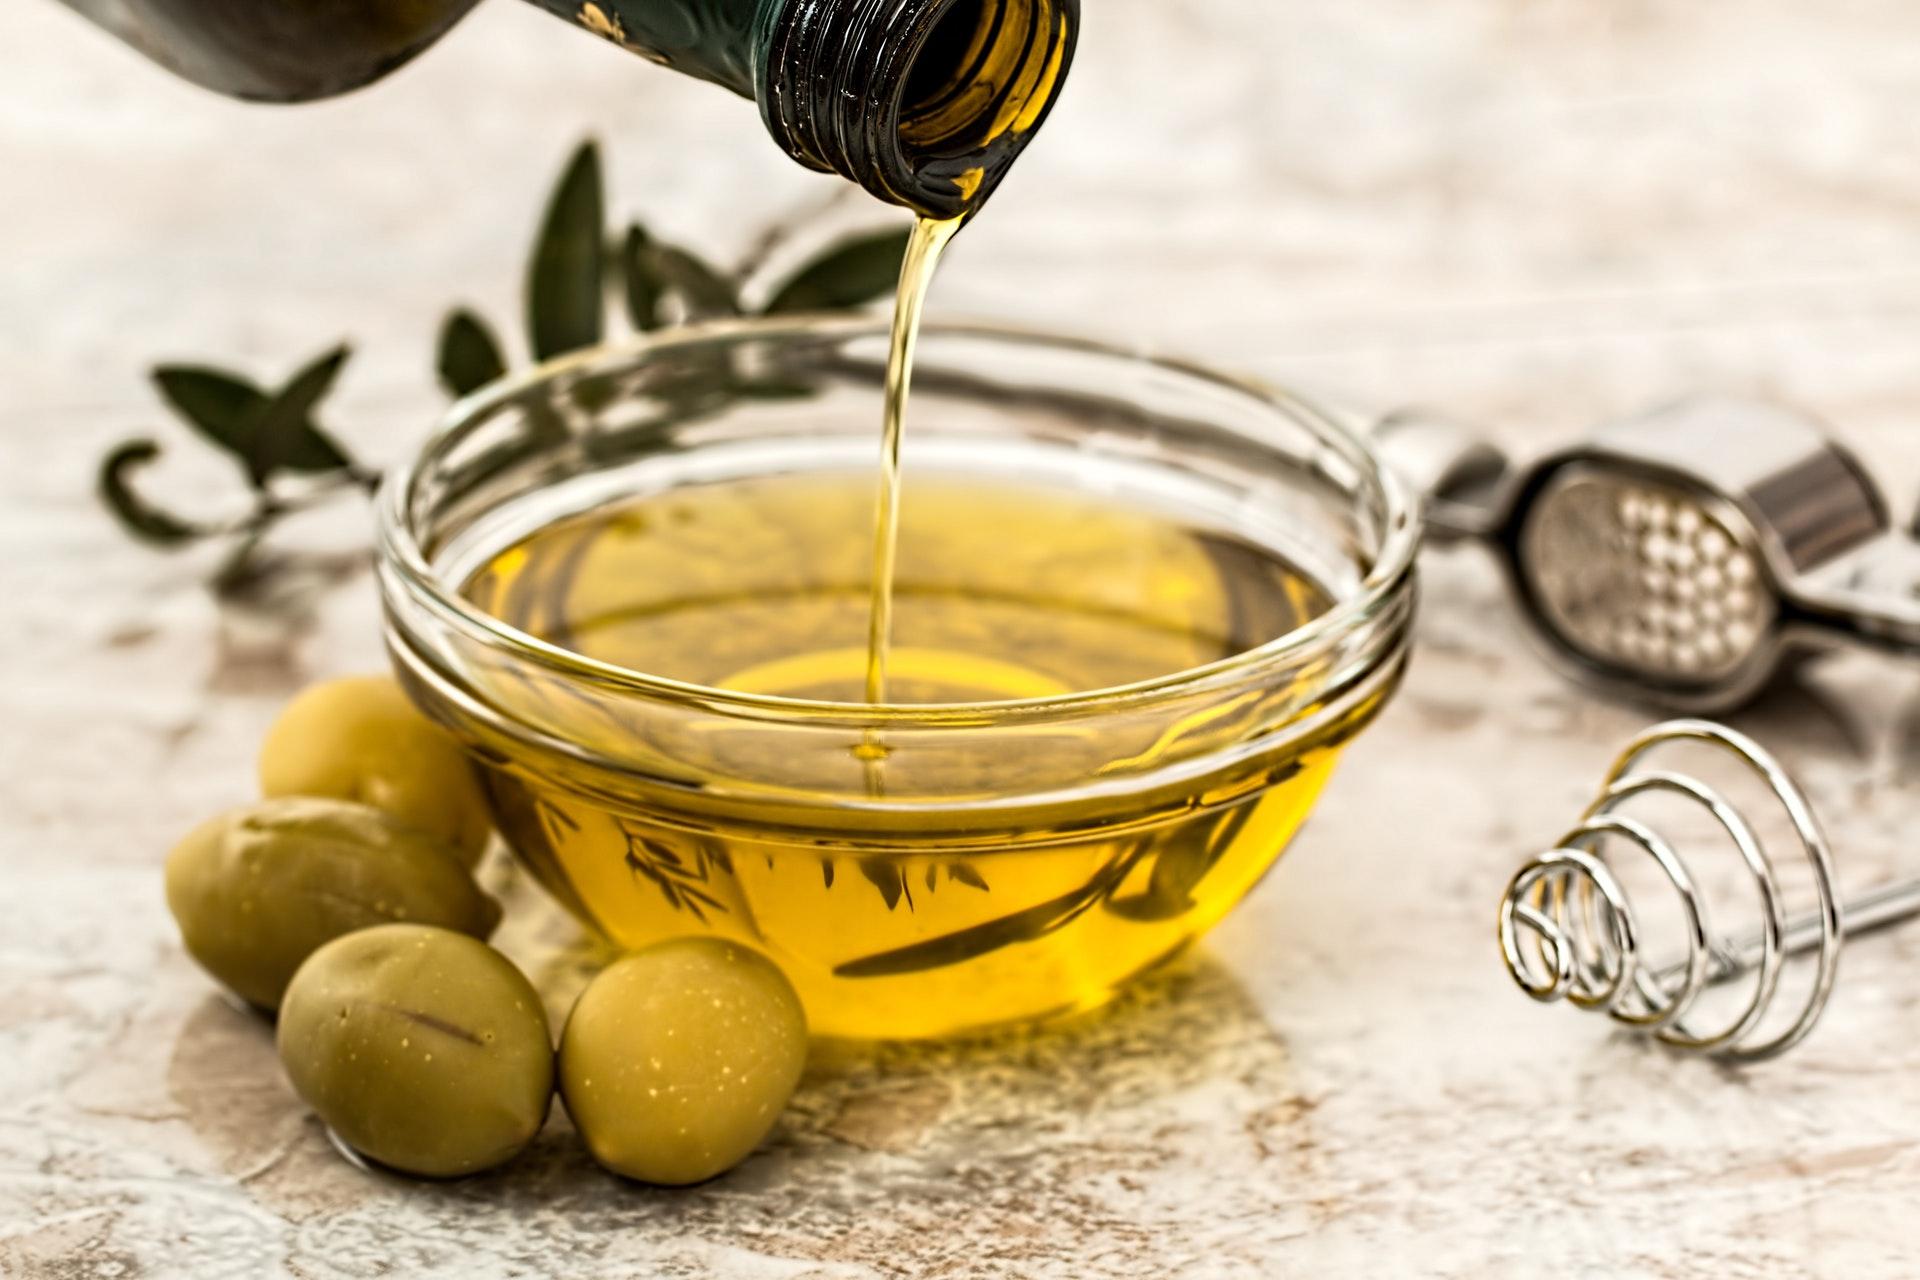 huiles essentielles pour mieux dormir